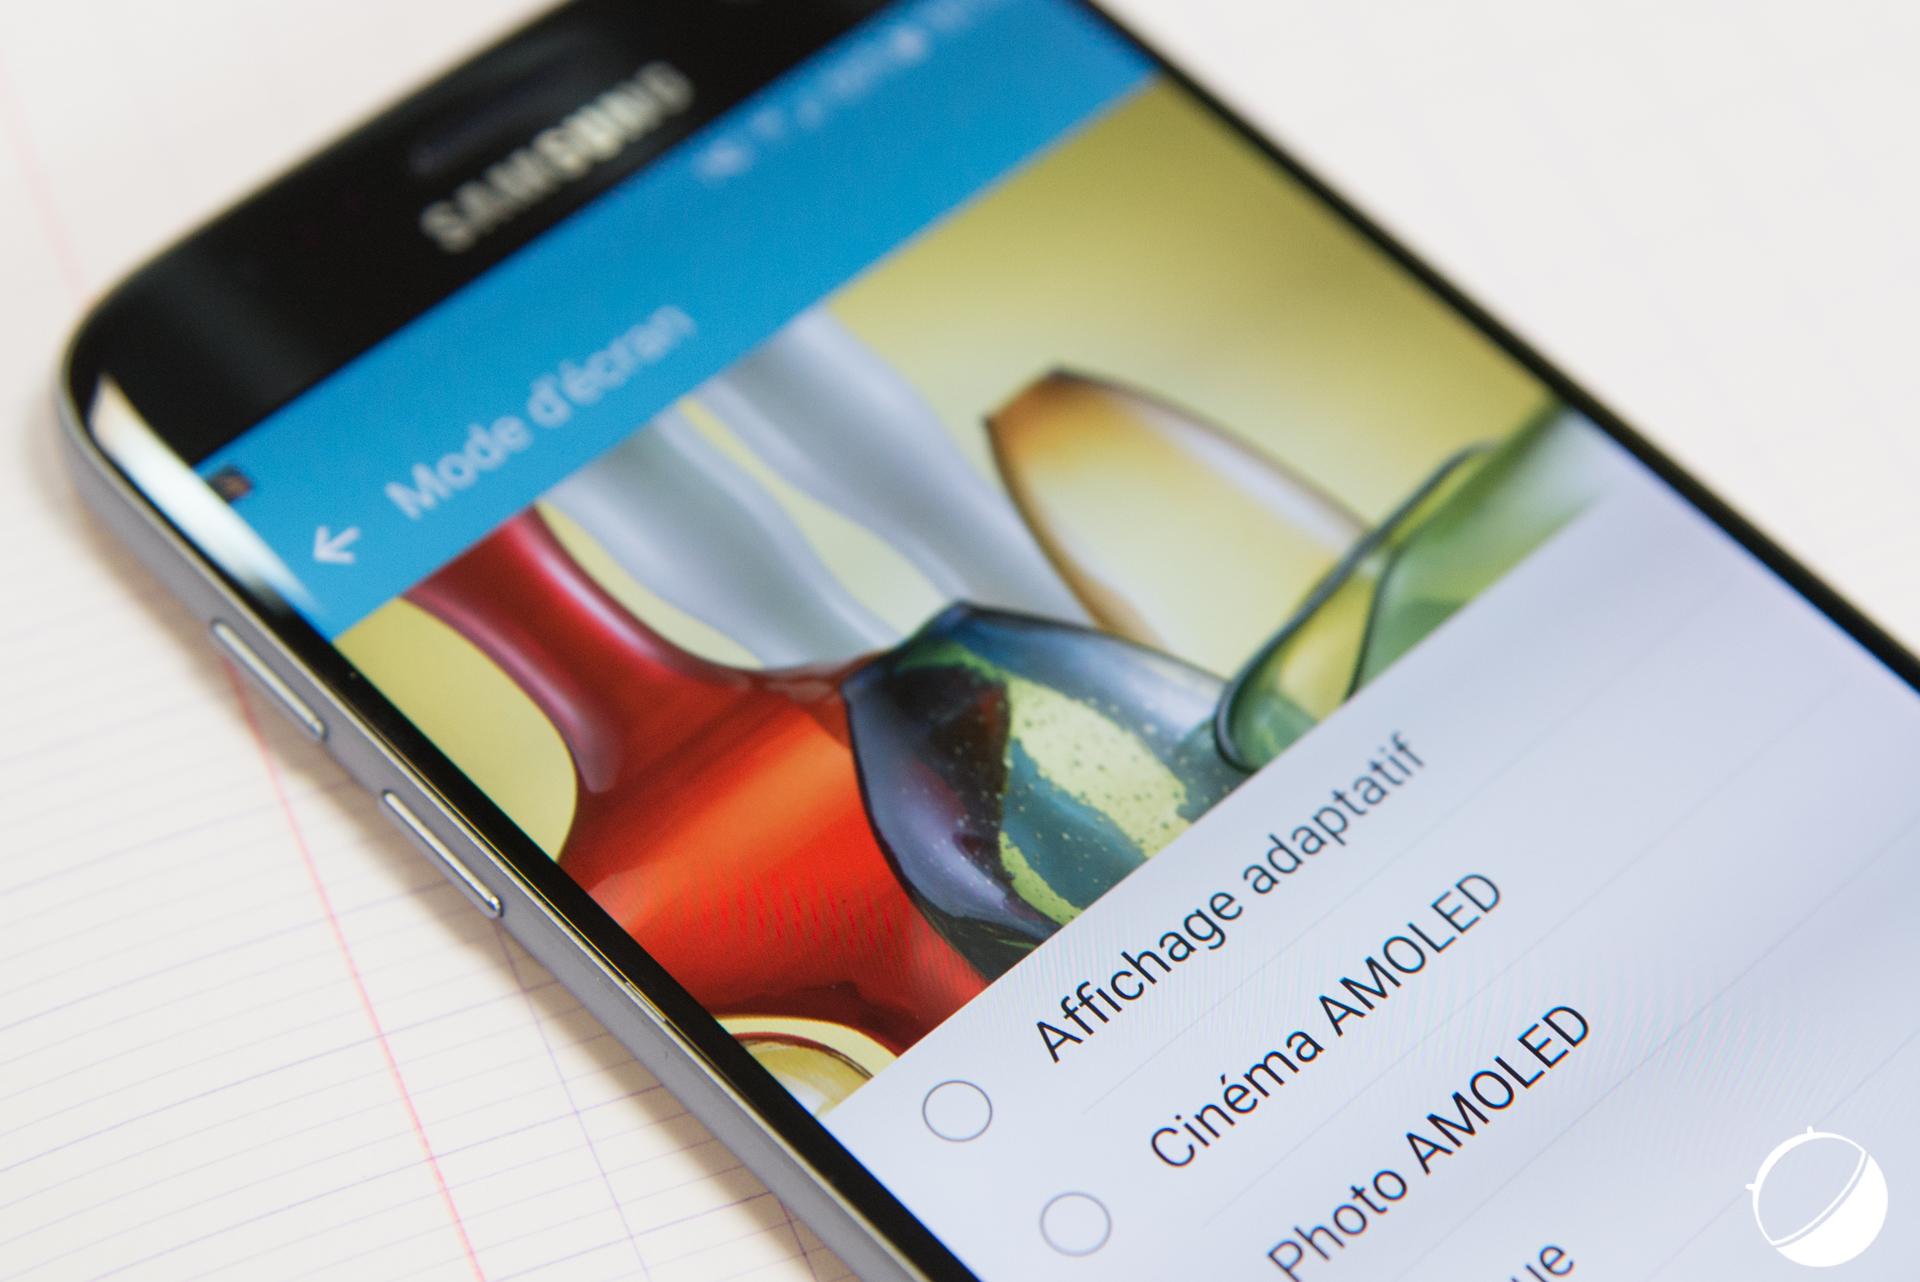 Samsung : l'écran des Galaxy S7 et S7 edge est-il meilleur que celui du Galaxy S6 ?